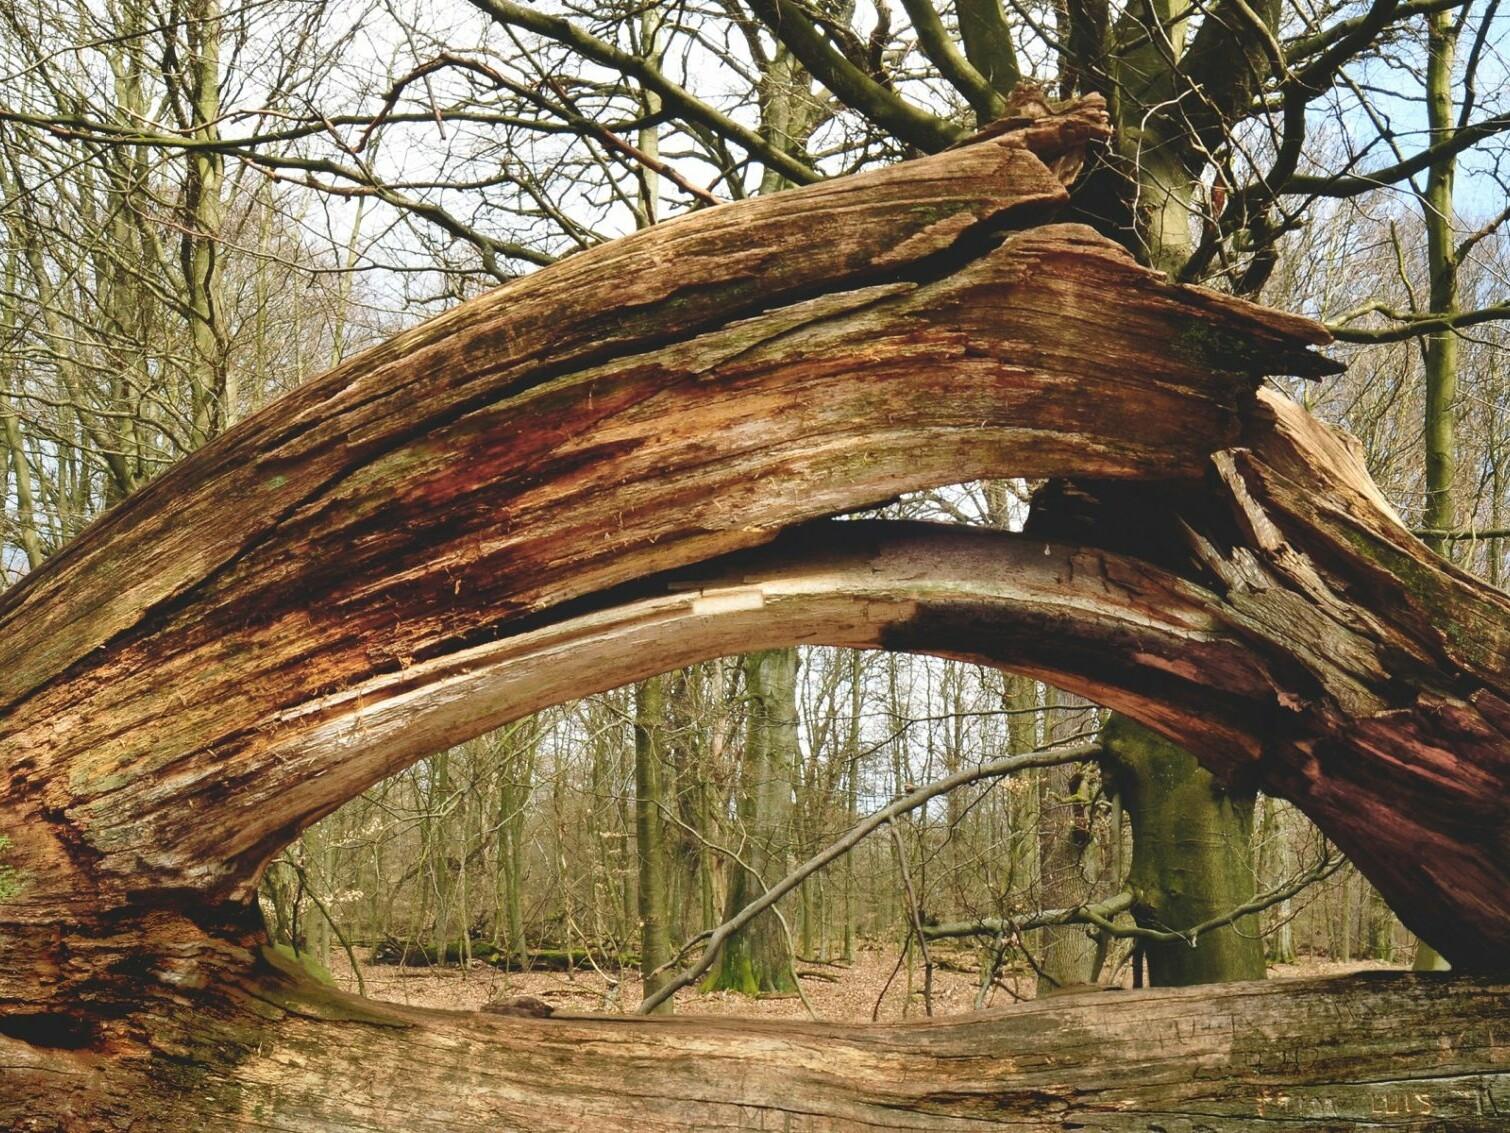 Auseinandergebrochener Baum im Urwald Sababurg Foto-Michael Gäbler